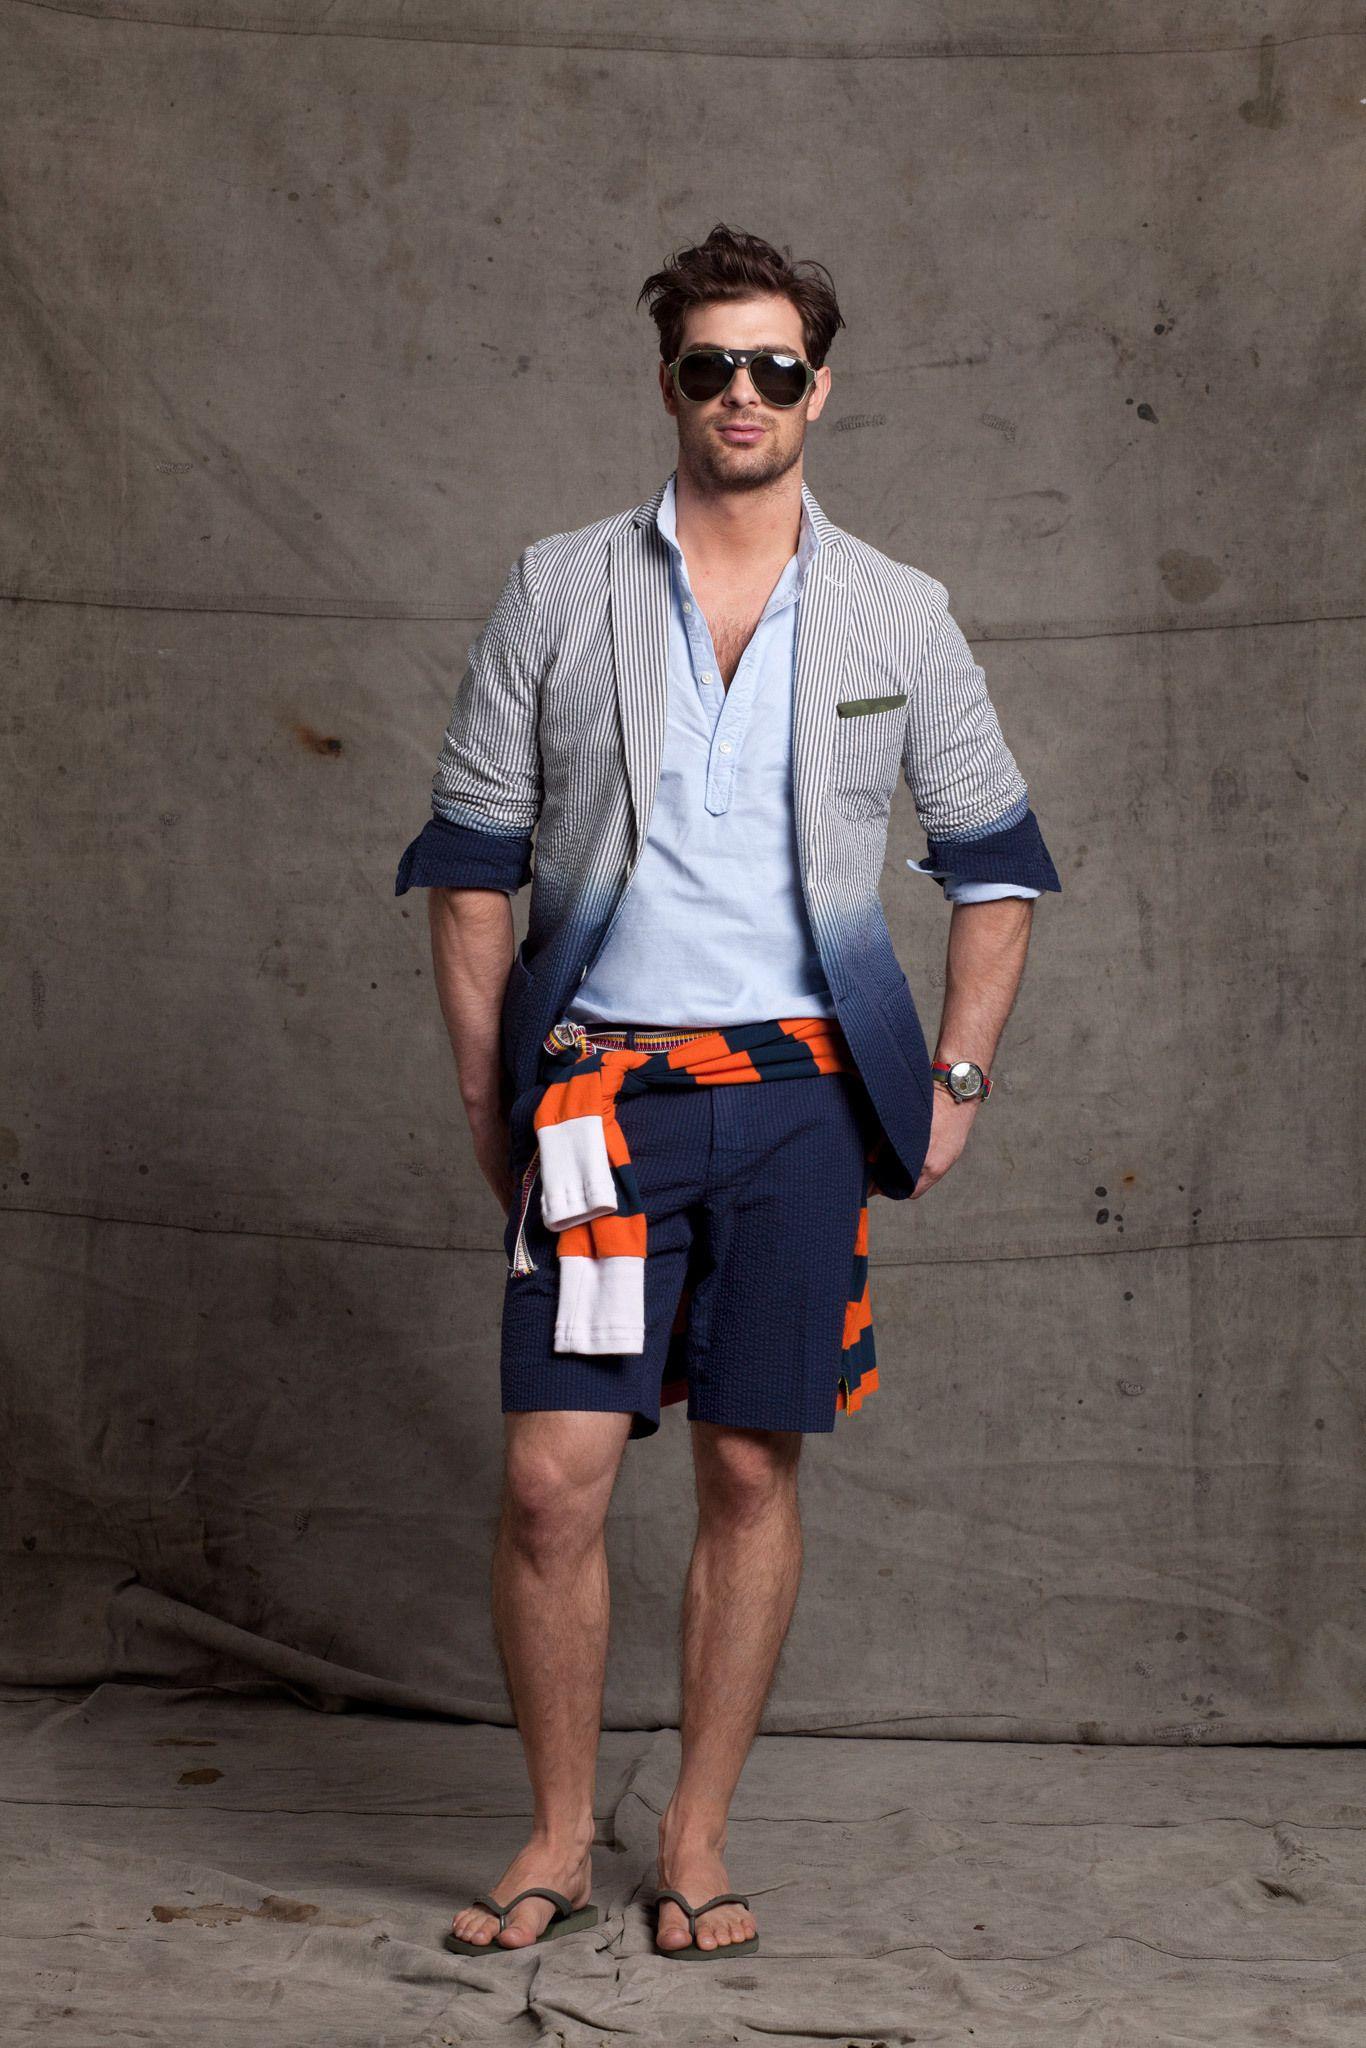 настоящее шорты сандалии на мужчине фото окончания средней школы